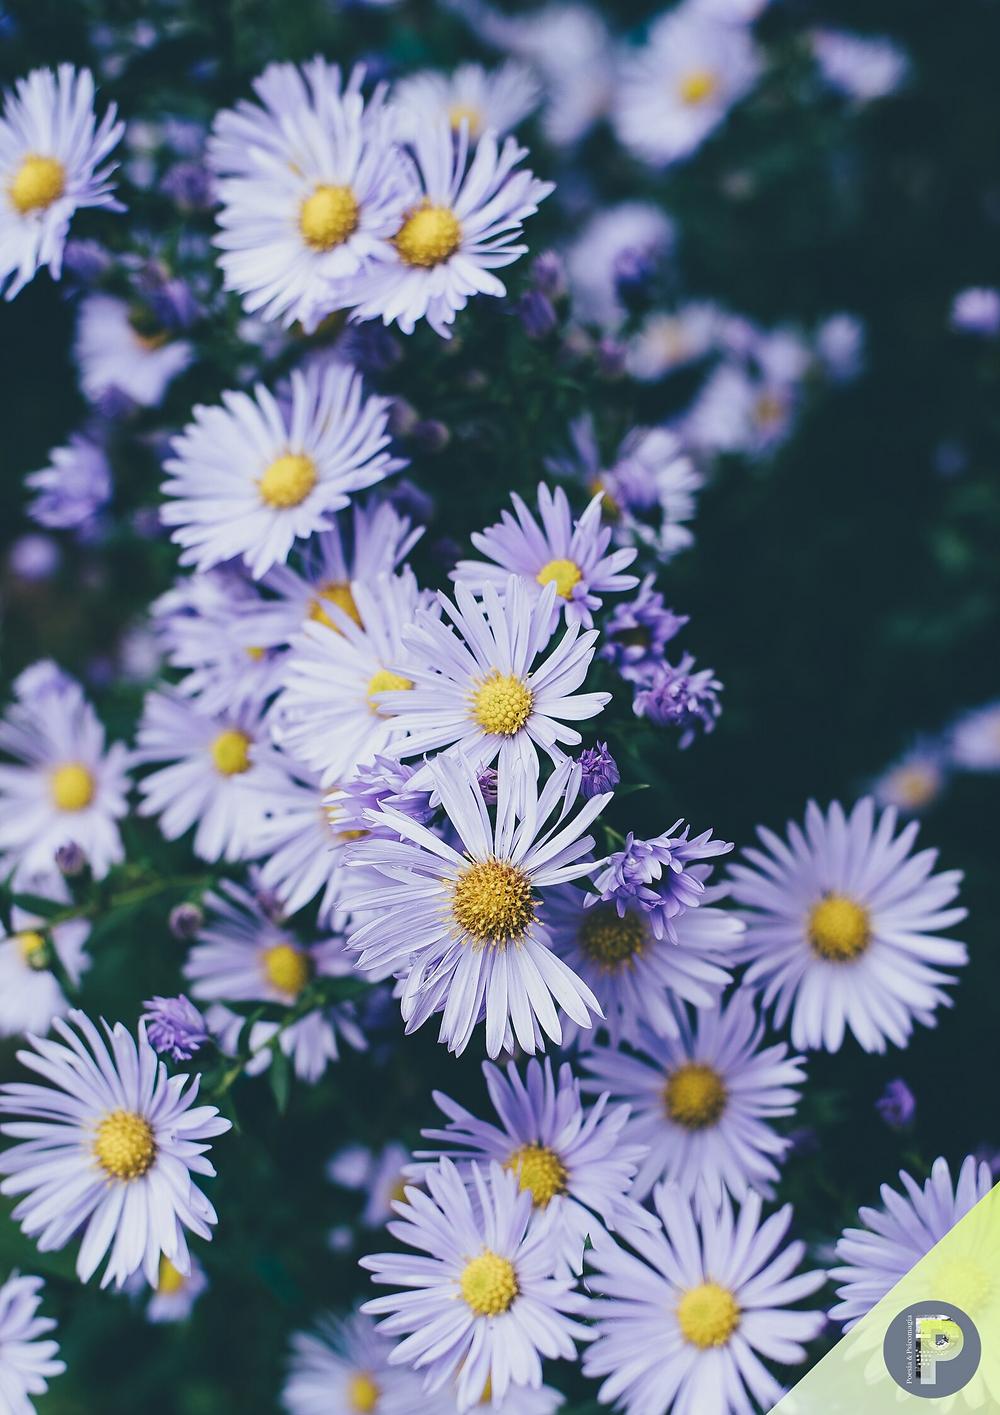 Poesie psicomagiche di primavera -  APRILE